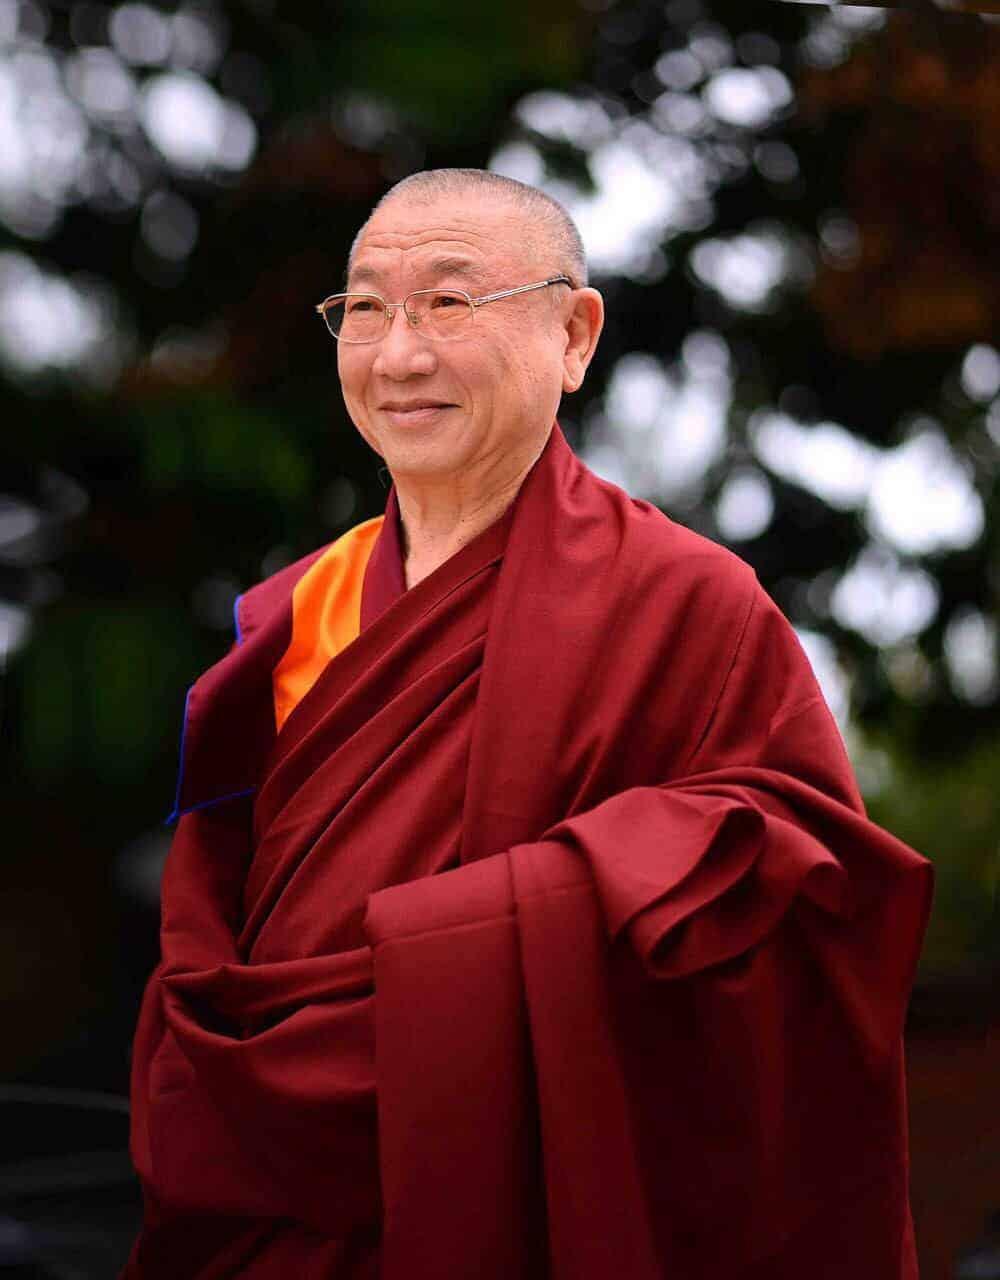 Gosok Rinpoche Vietnam 2017-02-17 b6add0f6f00dada9d10f8ecc6d2d4b7